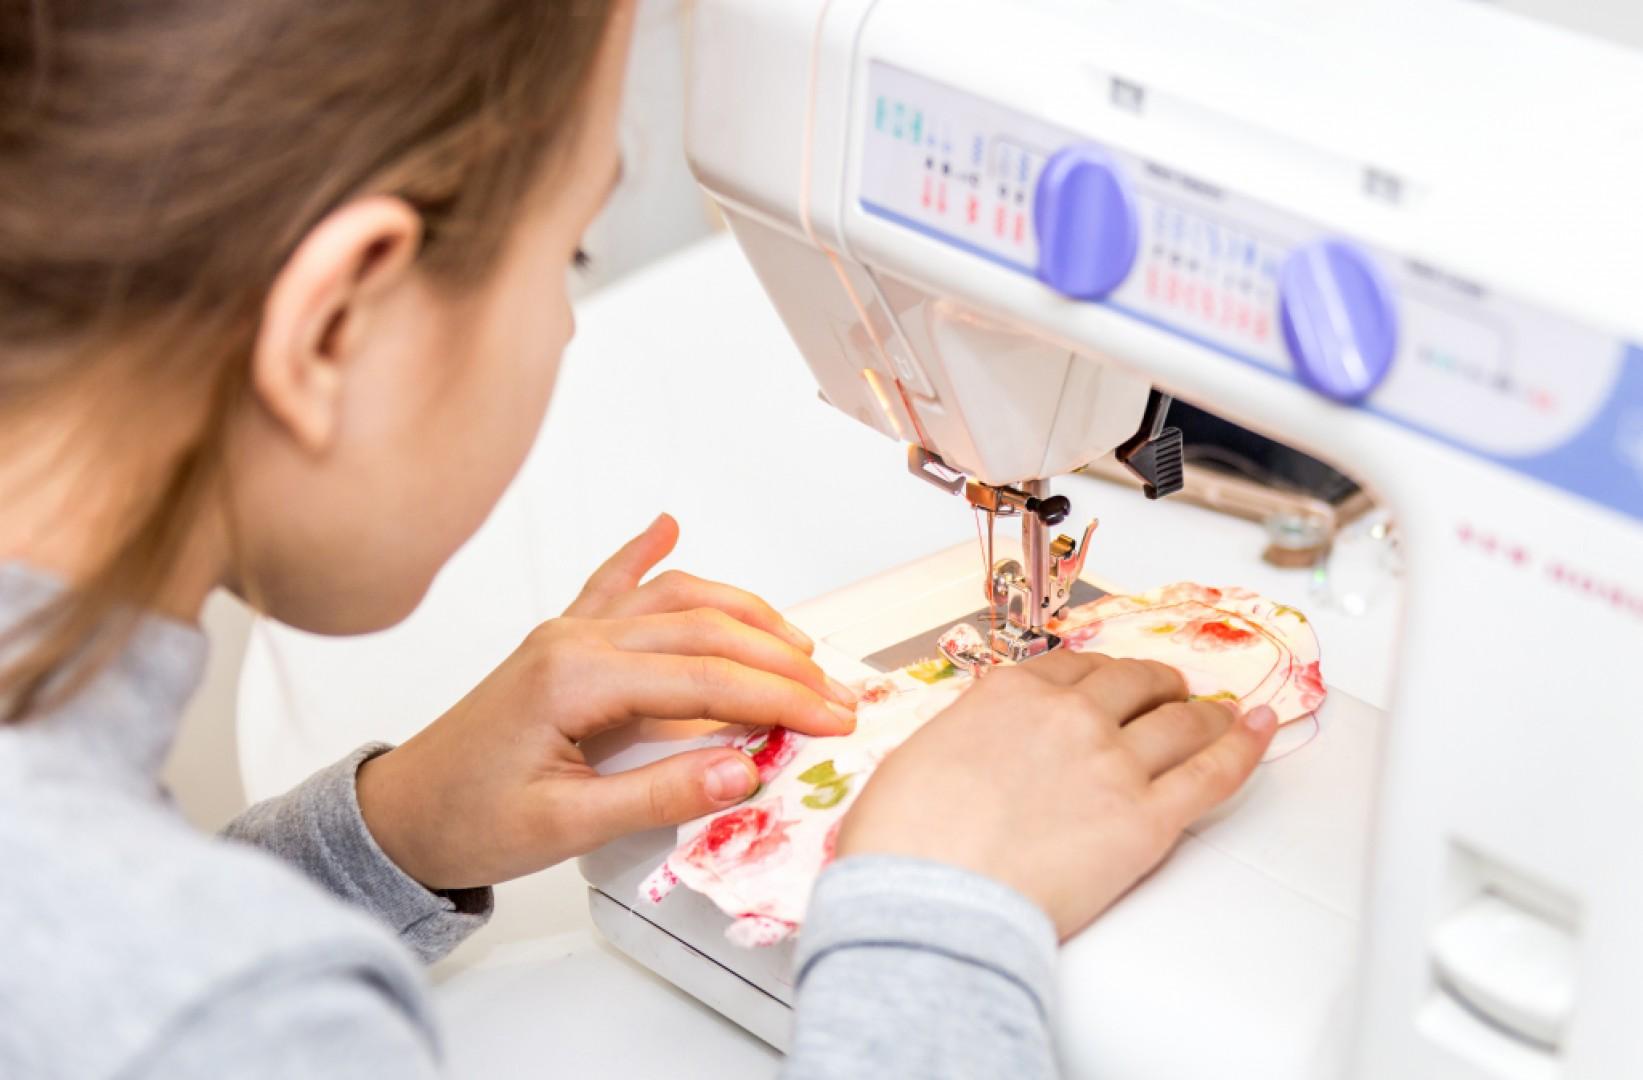 9h30-12h Atelier couture au Centre social, 5 pl. du 8 mai